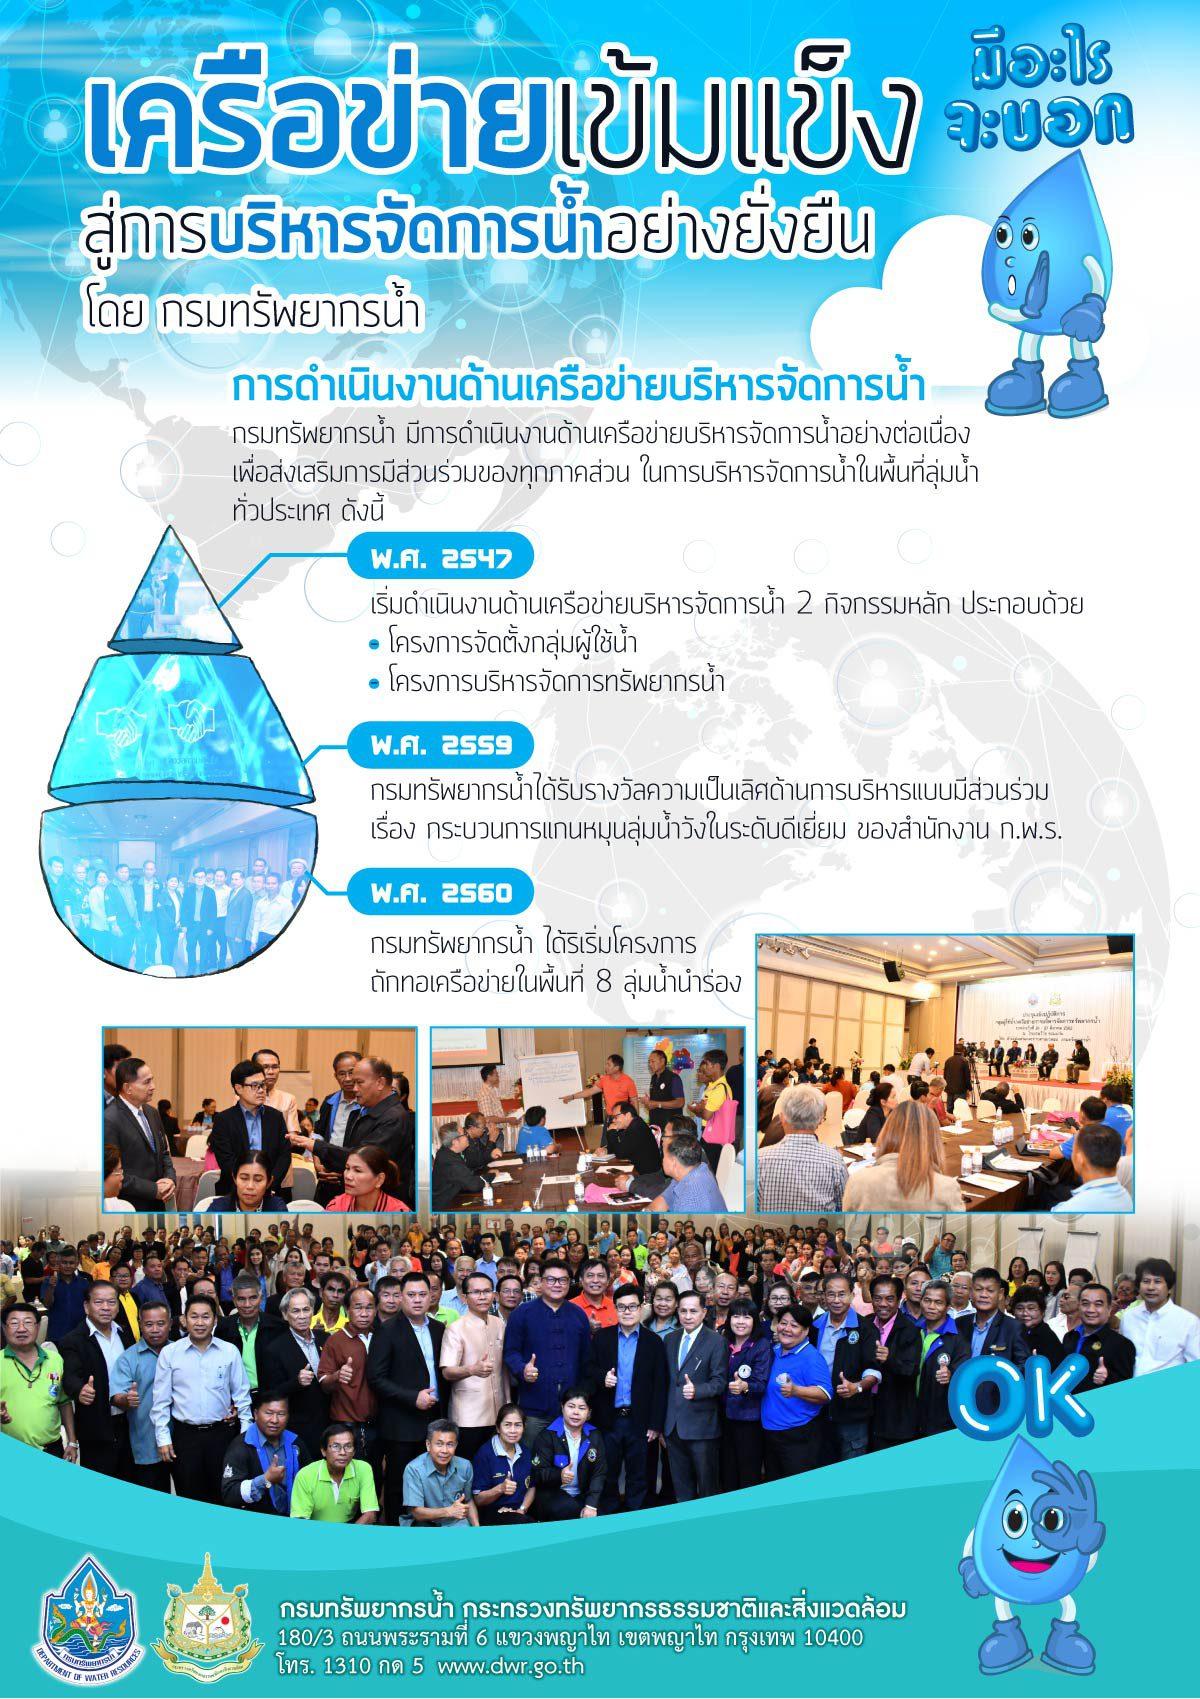 เครือข่ายเข้มแข็ง สู่การบริหารจัดการน้ำอย่างยั่งยืน